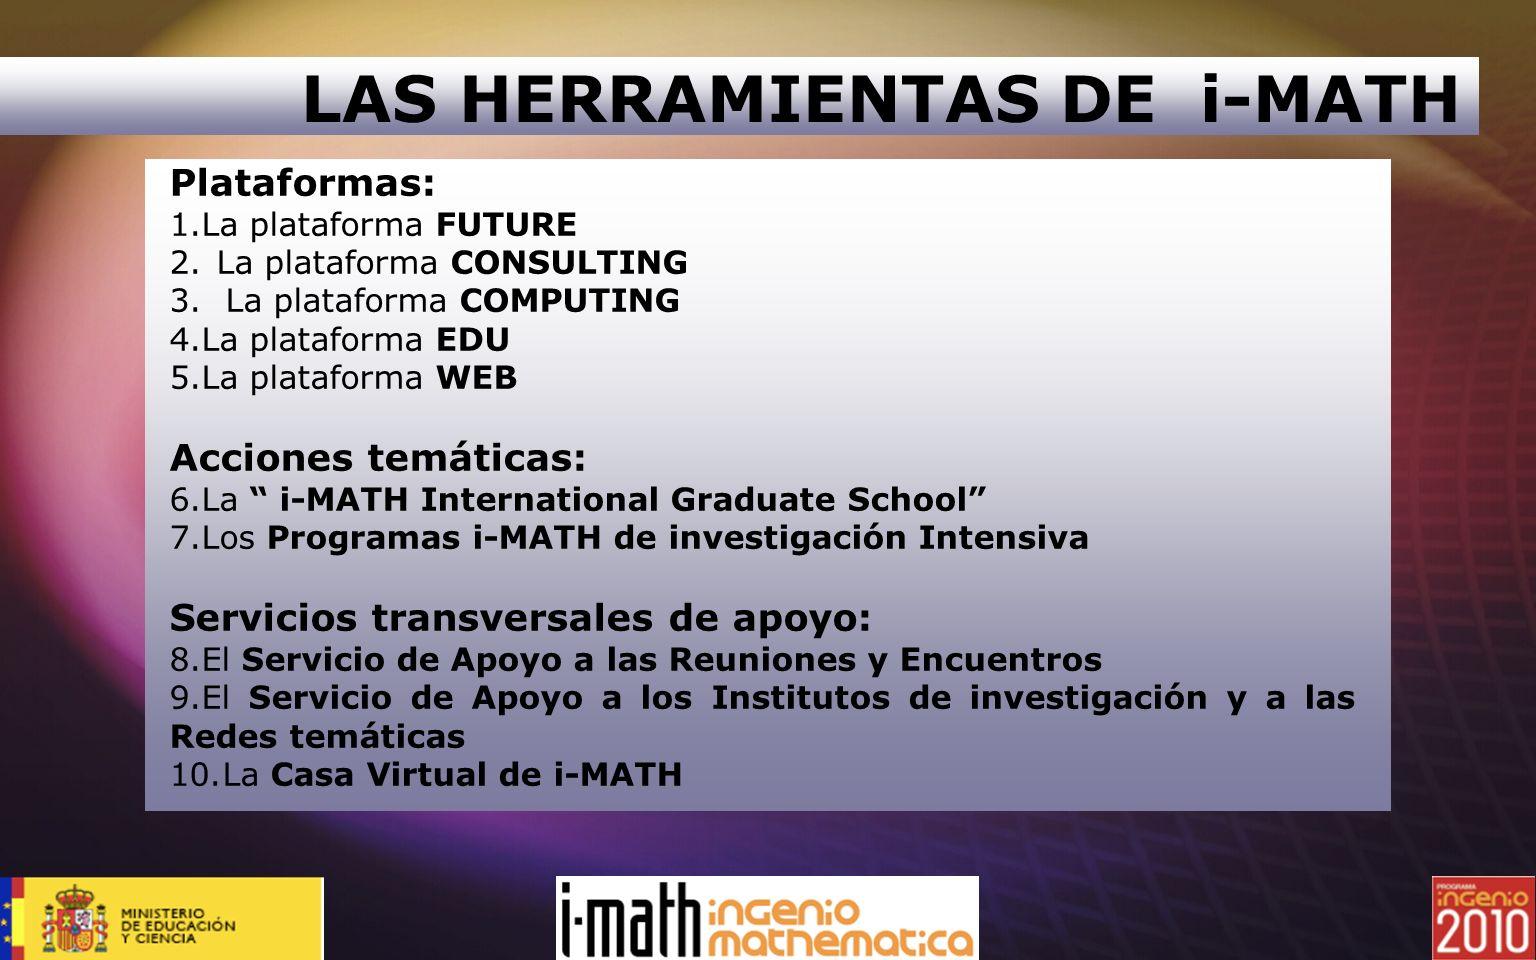 LAS HERRAMIENTAS DE i-MATH